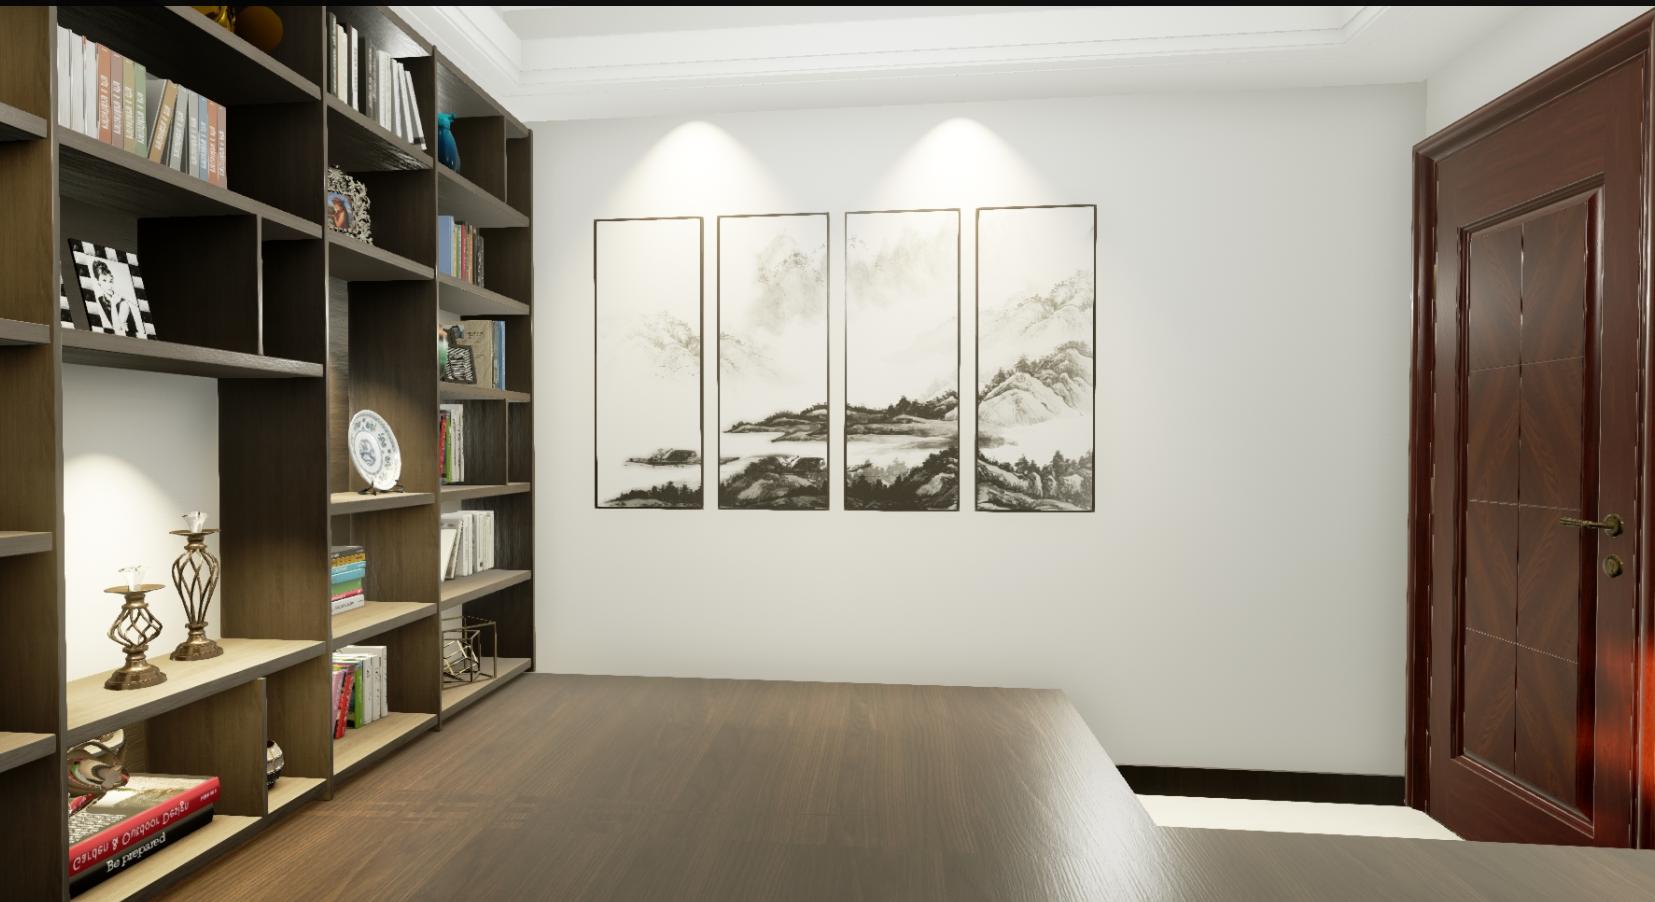 书房图片来自湖北省大唐安盛建筑工程有限公司在顶秀西北湖的分享